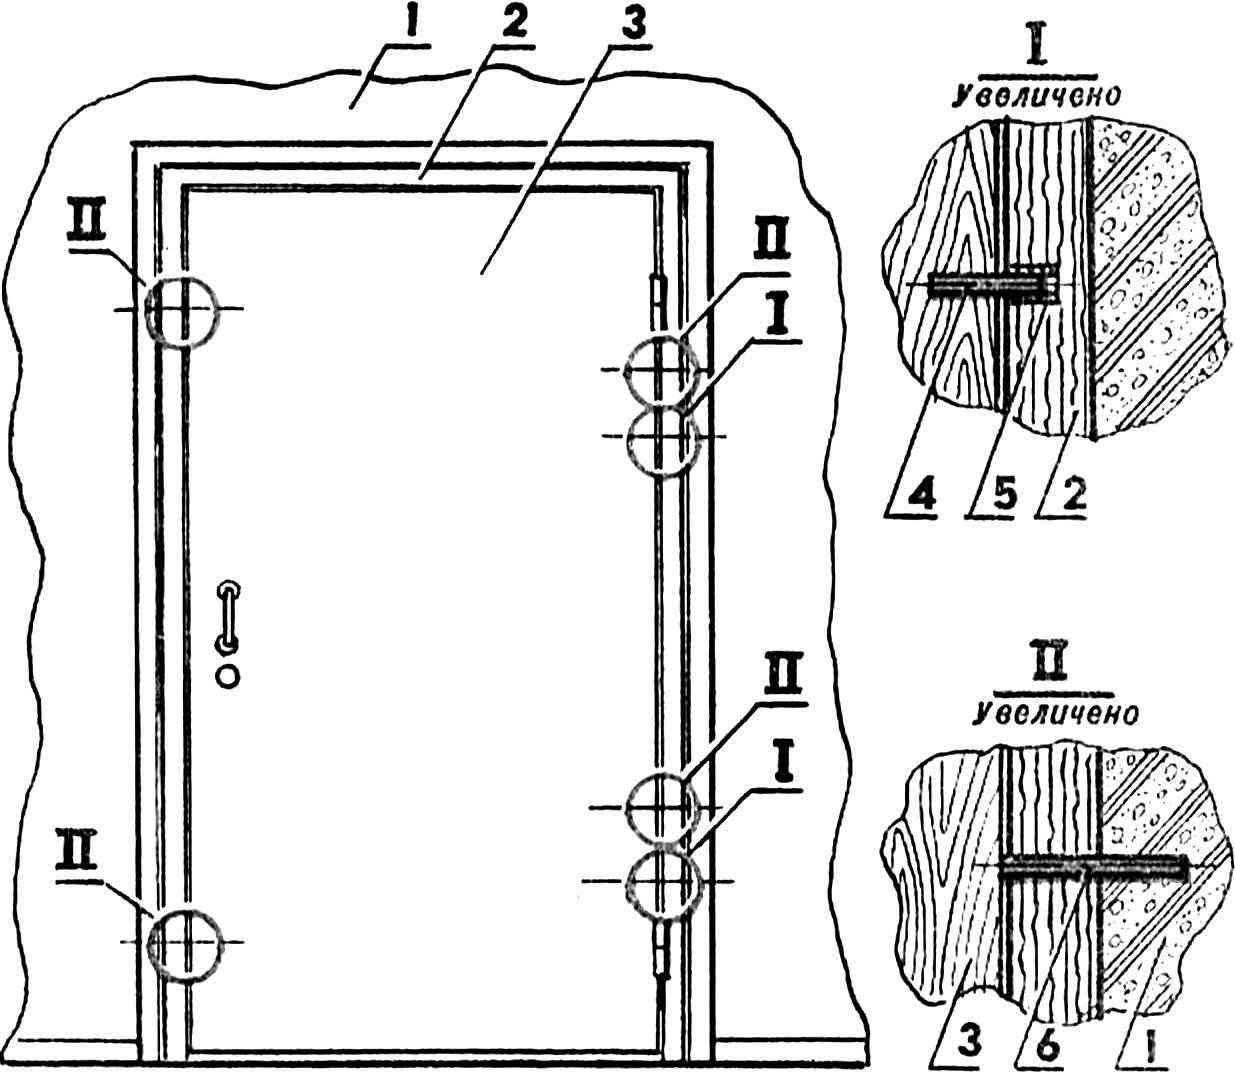 Fig. 1. Strengthening of the door and the door frame.